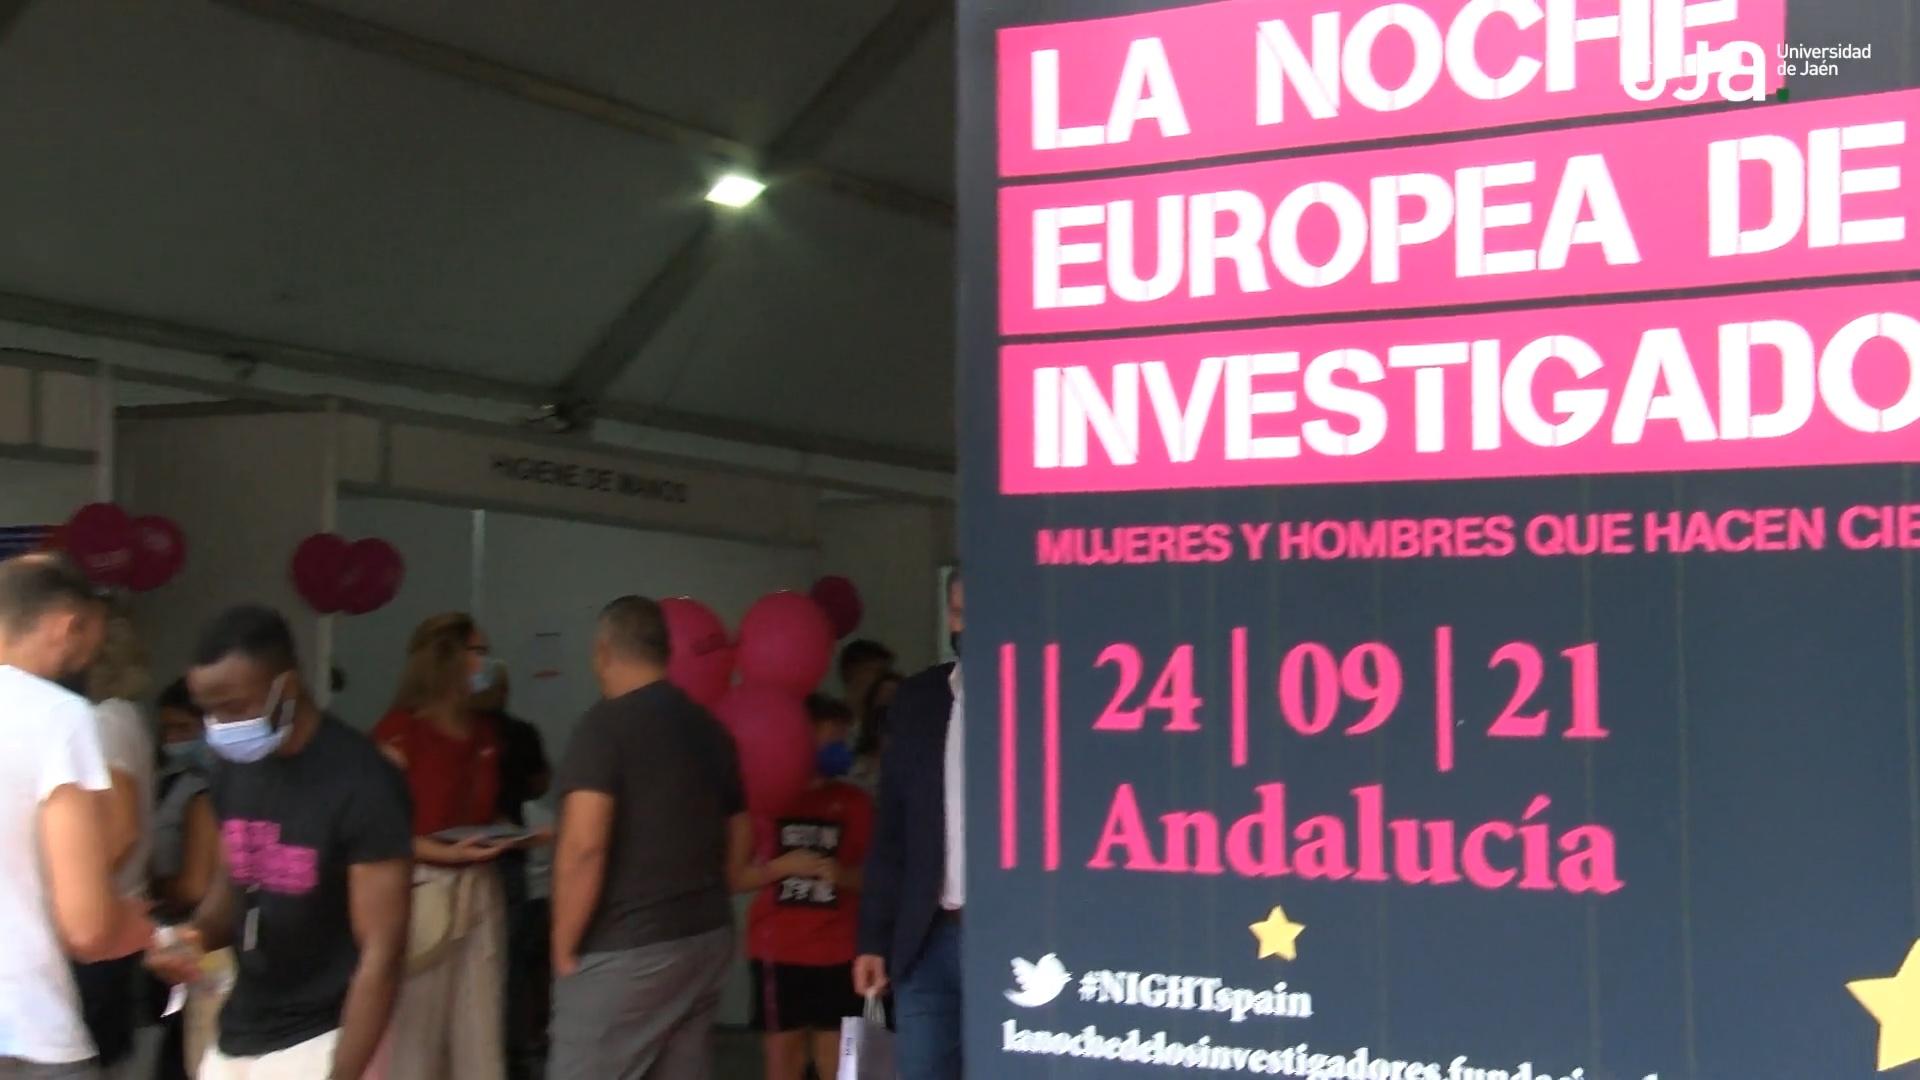 Resumen de la Noche Europea de Los Investigadores 2021